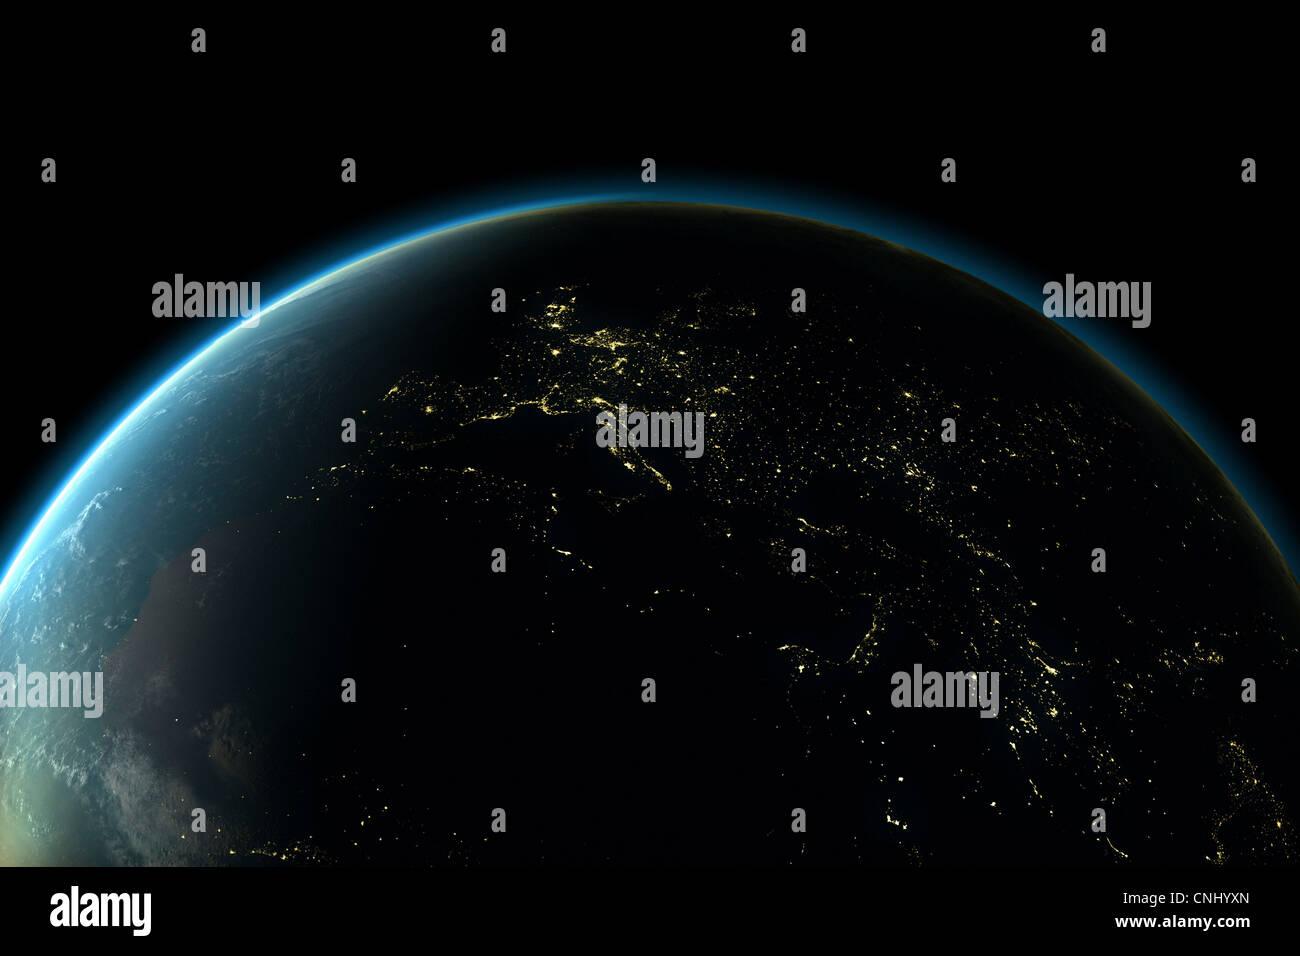 La planète terre avec des lumières de l'Europe dans la nuit Photo Stock